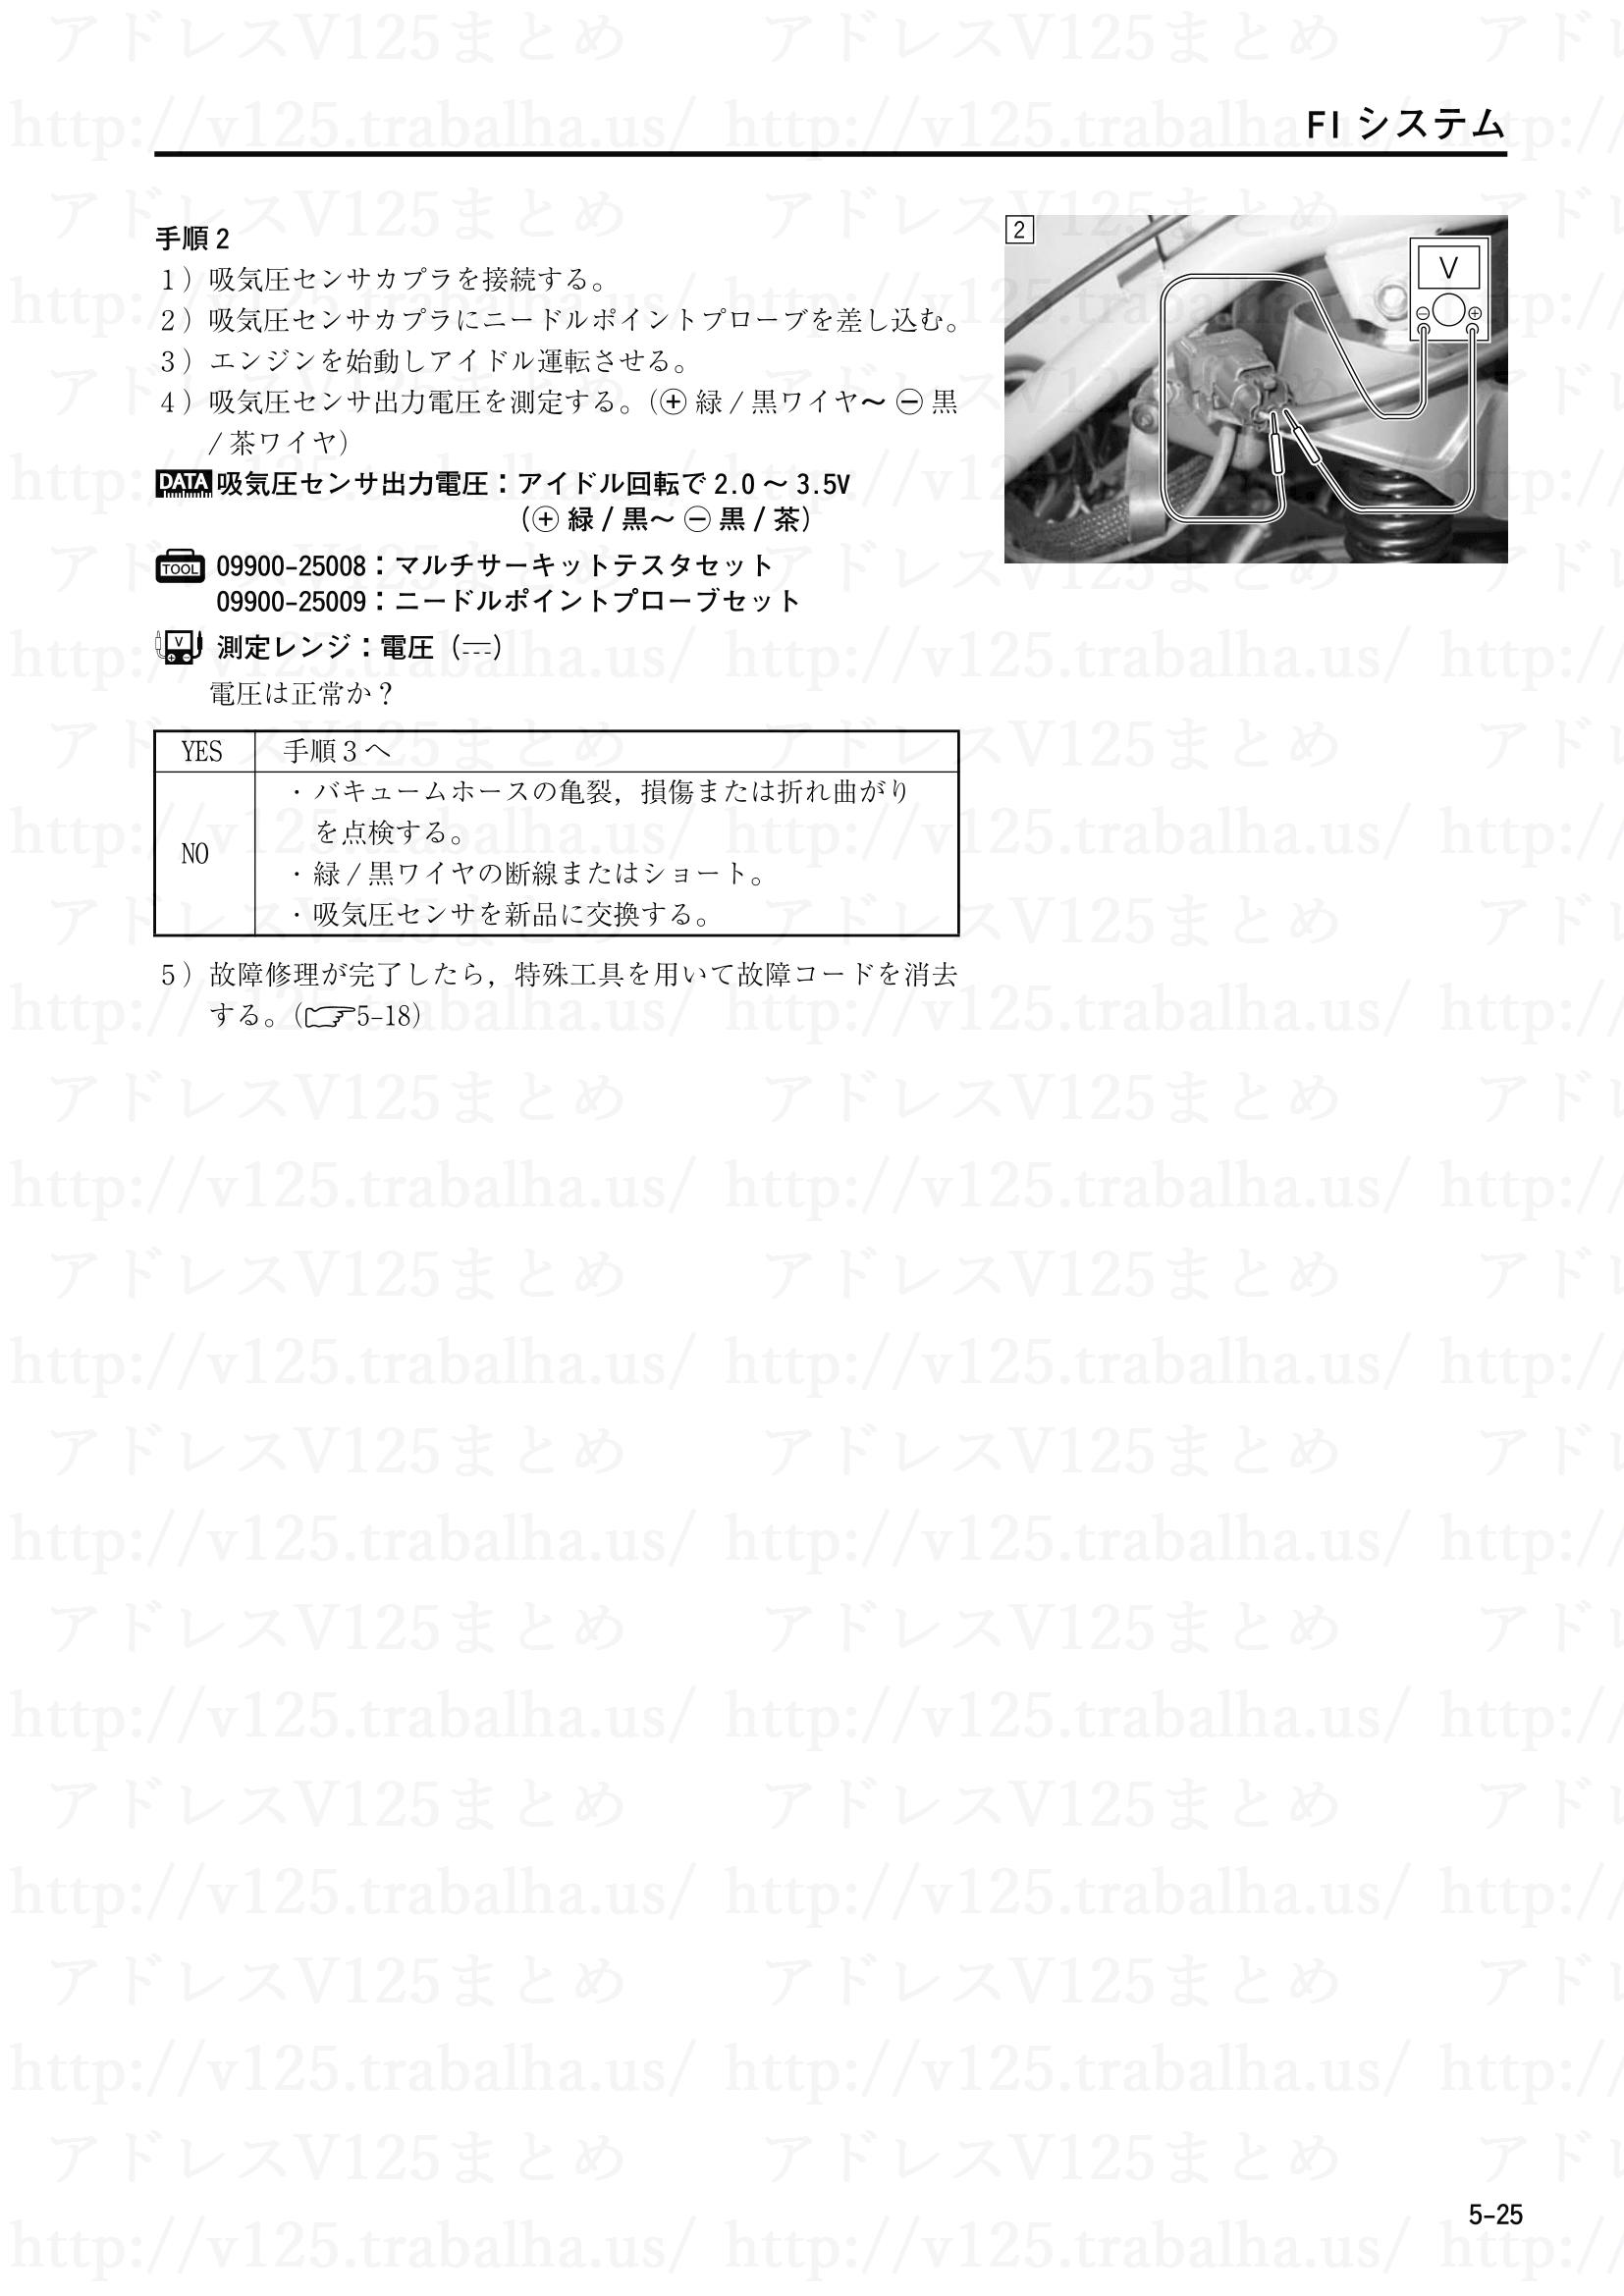 """5-25【FIシステム】""""C13""""吸気圧センサ(IAPS)回路の故障2"""